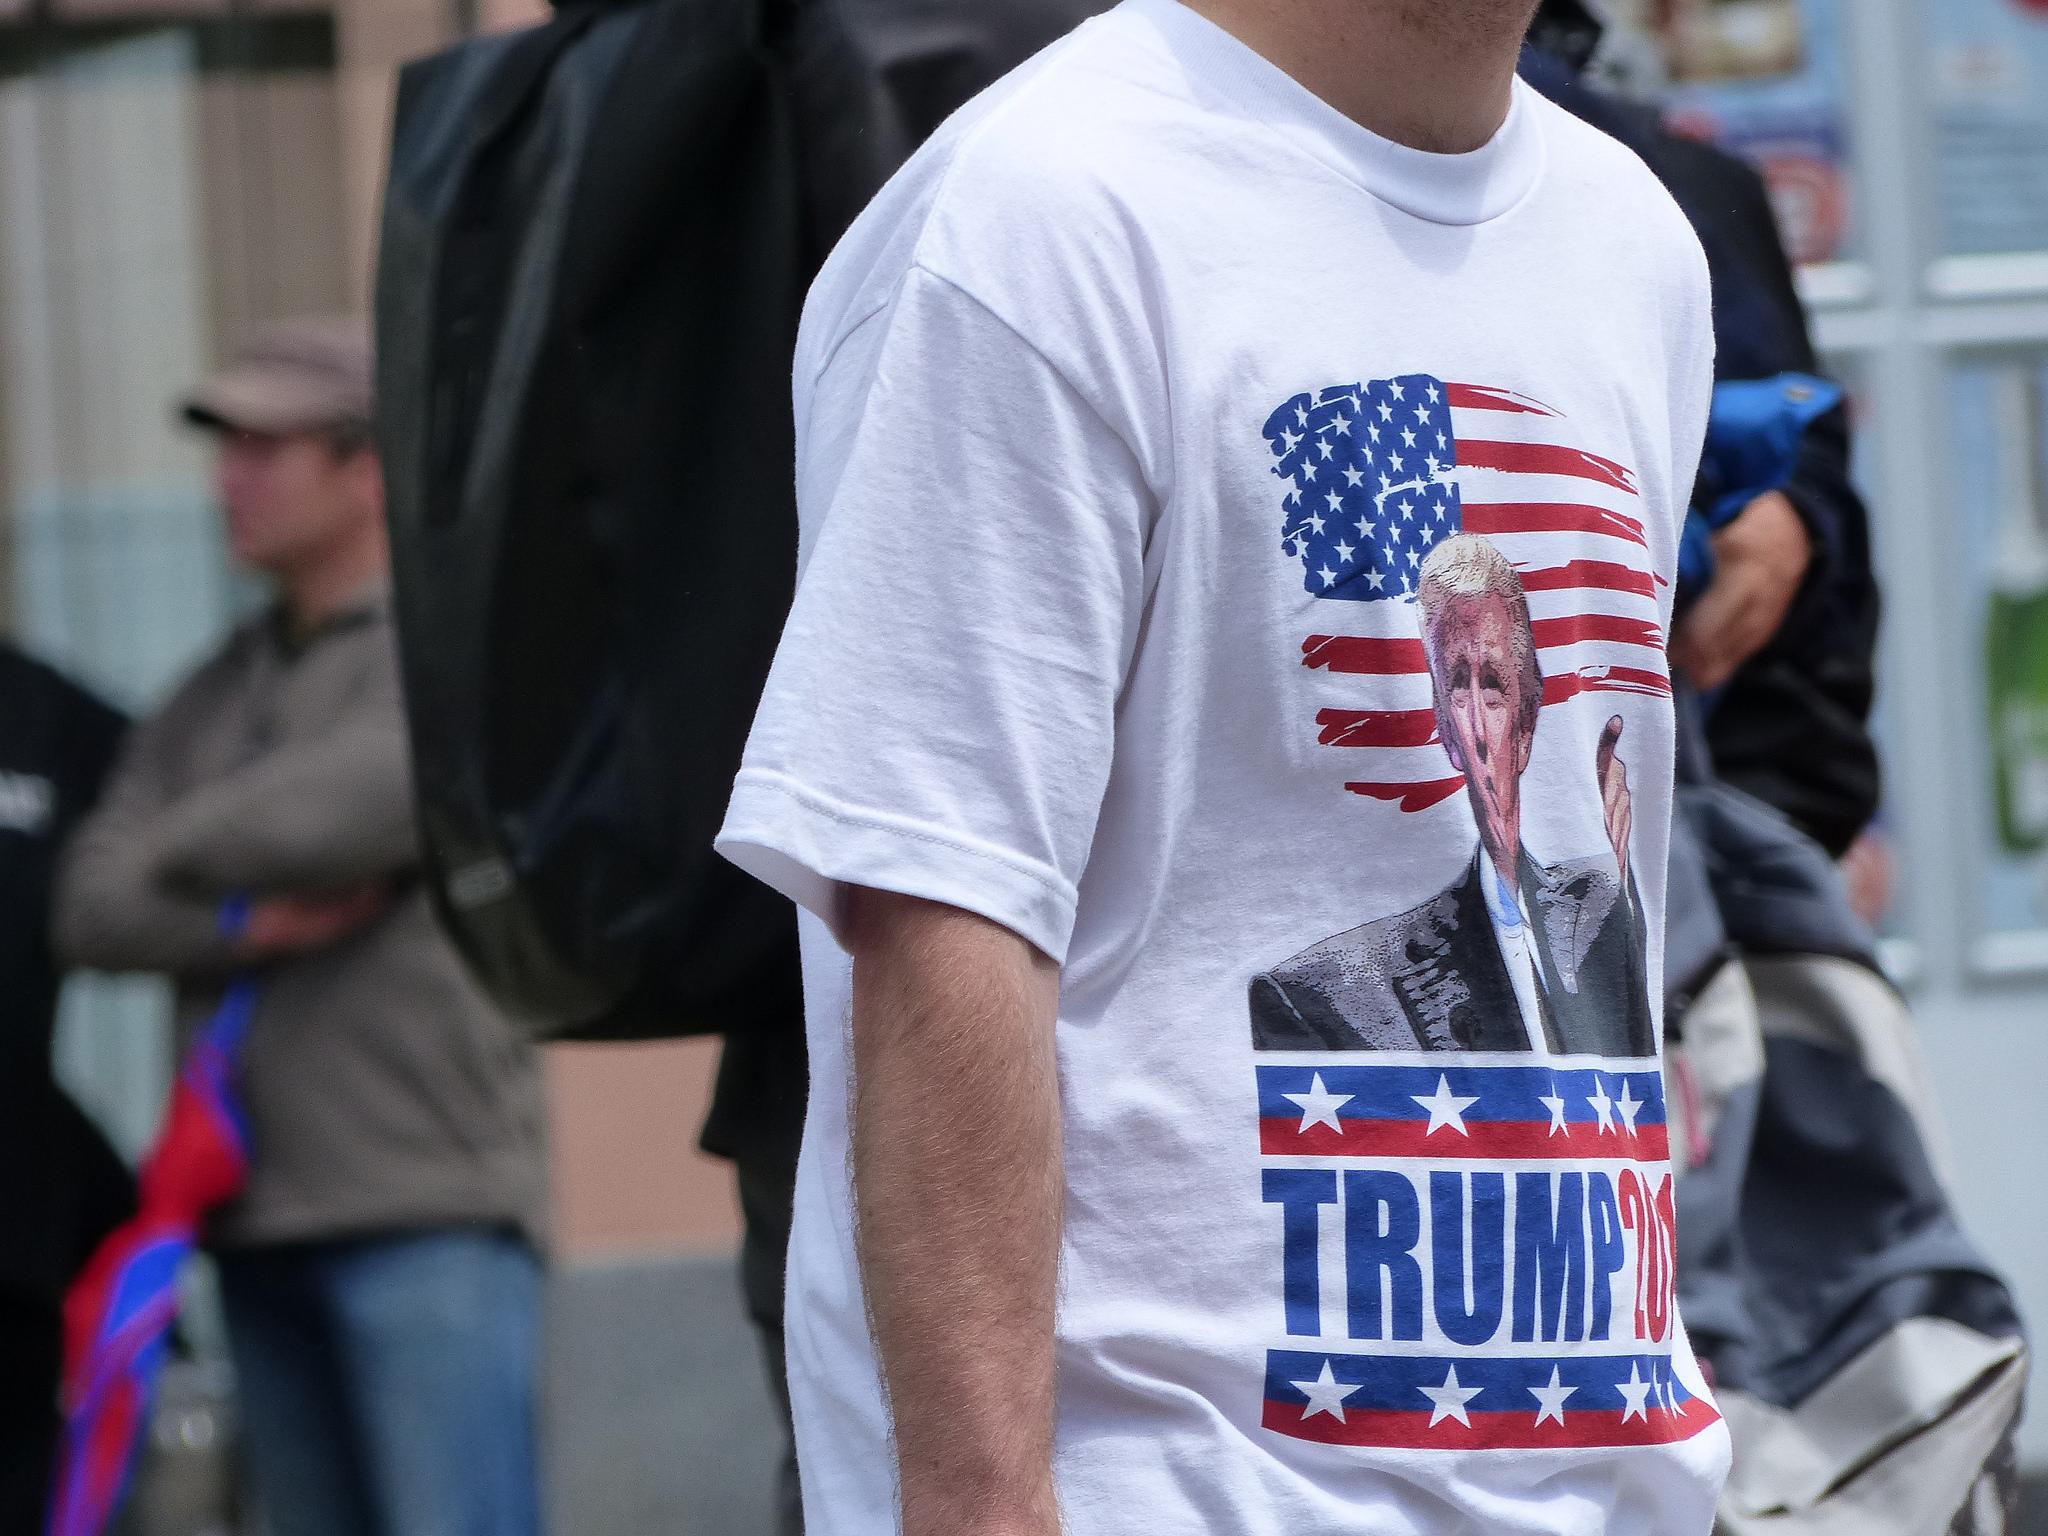 Trump a kampányban több ipari munkahelyeket ígért, de kérdéses, hogy protekcionizmussal teljeseíthető-e ez az ígéret fotó: flickr /metropolico.org